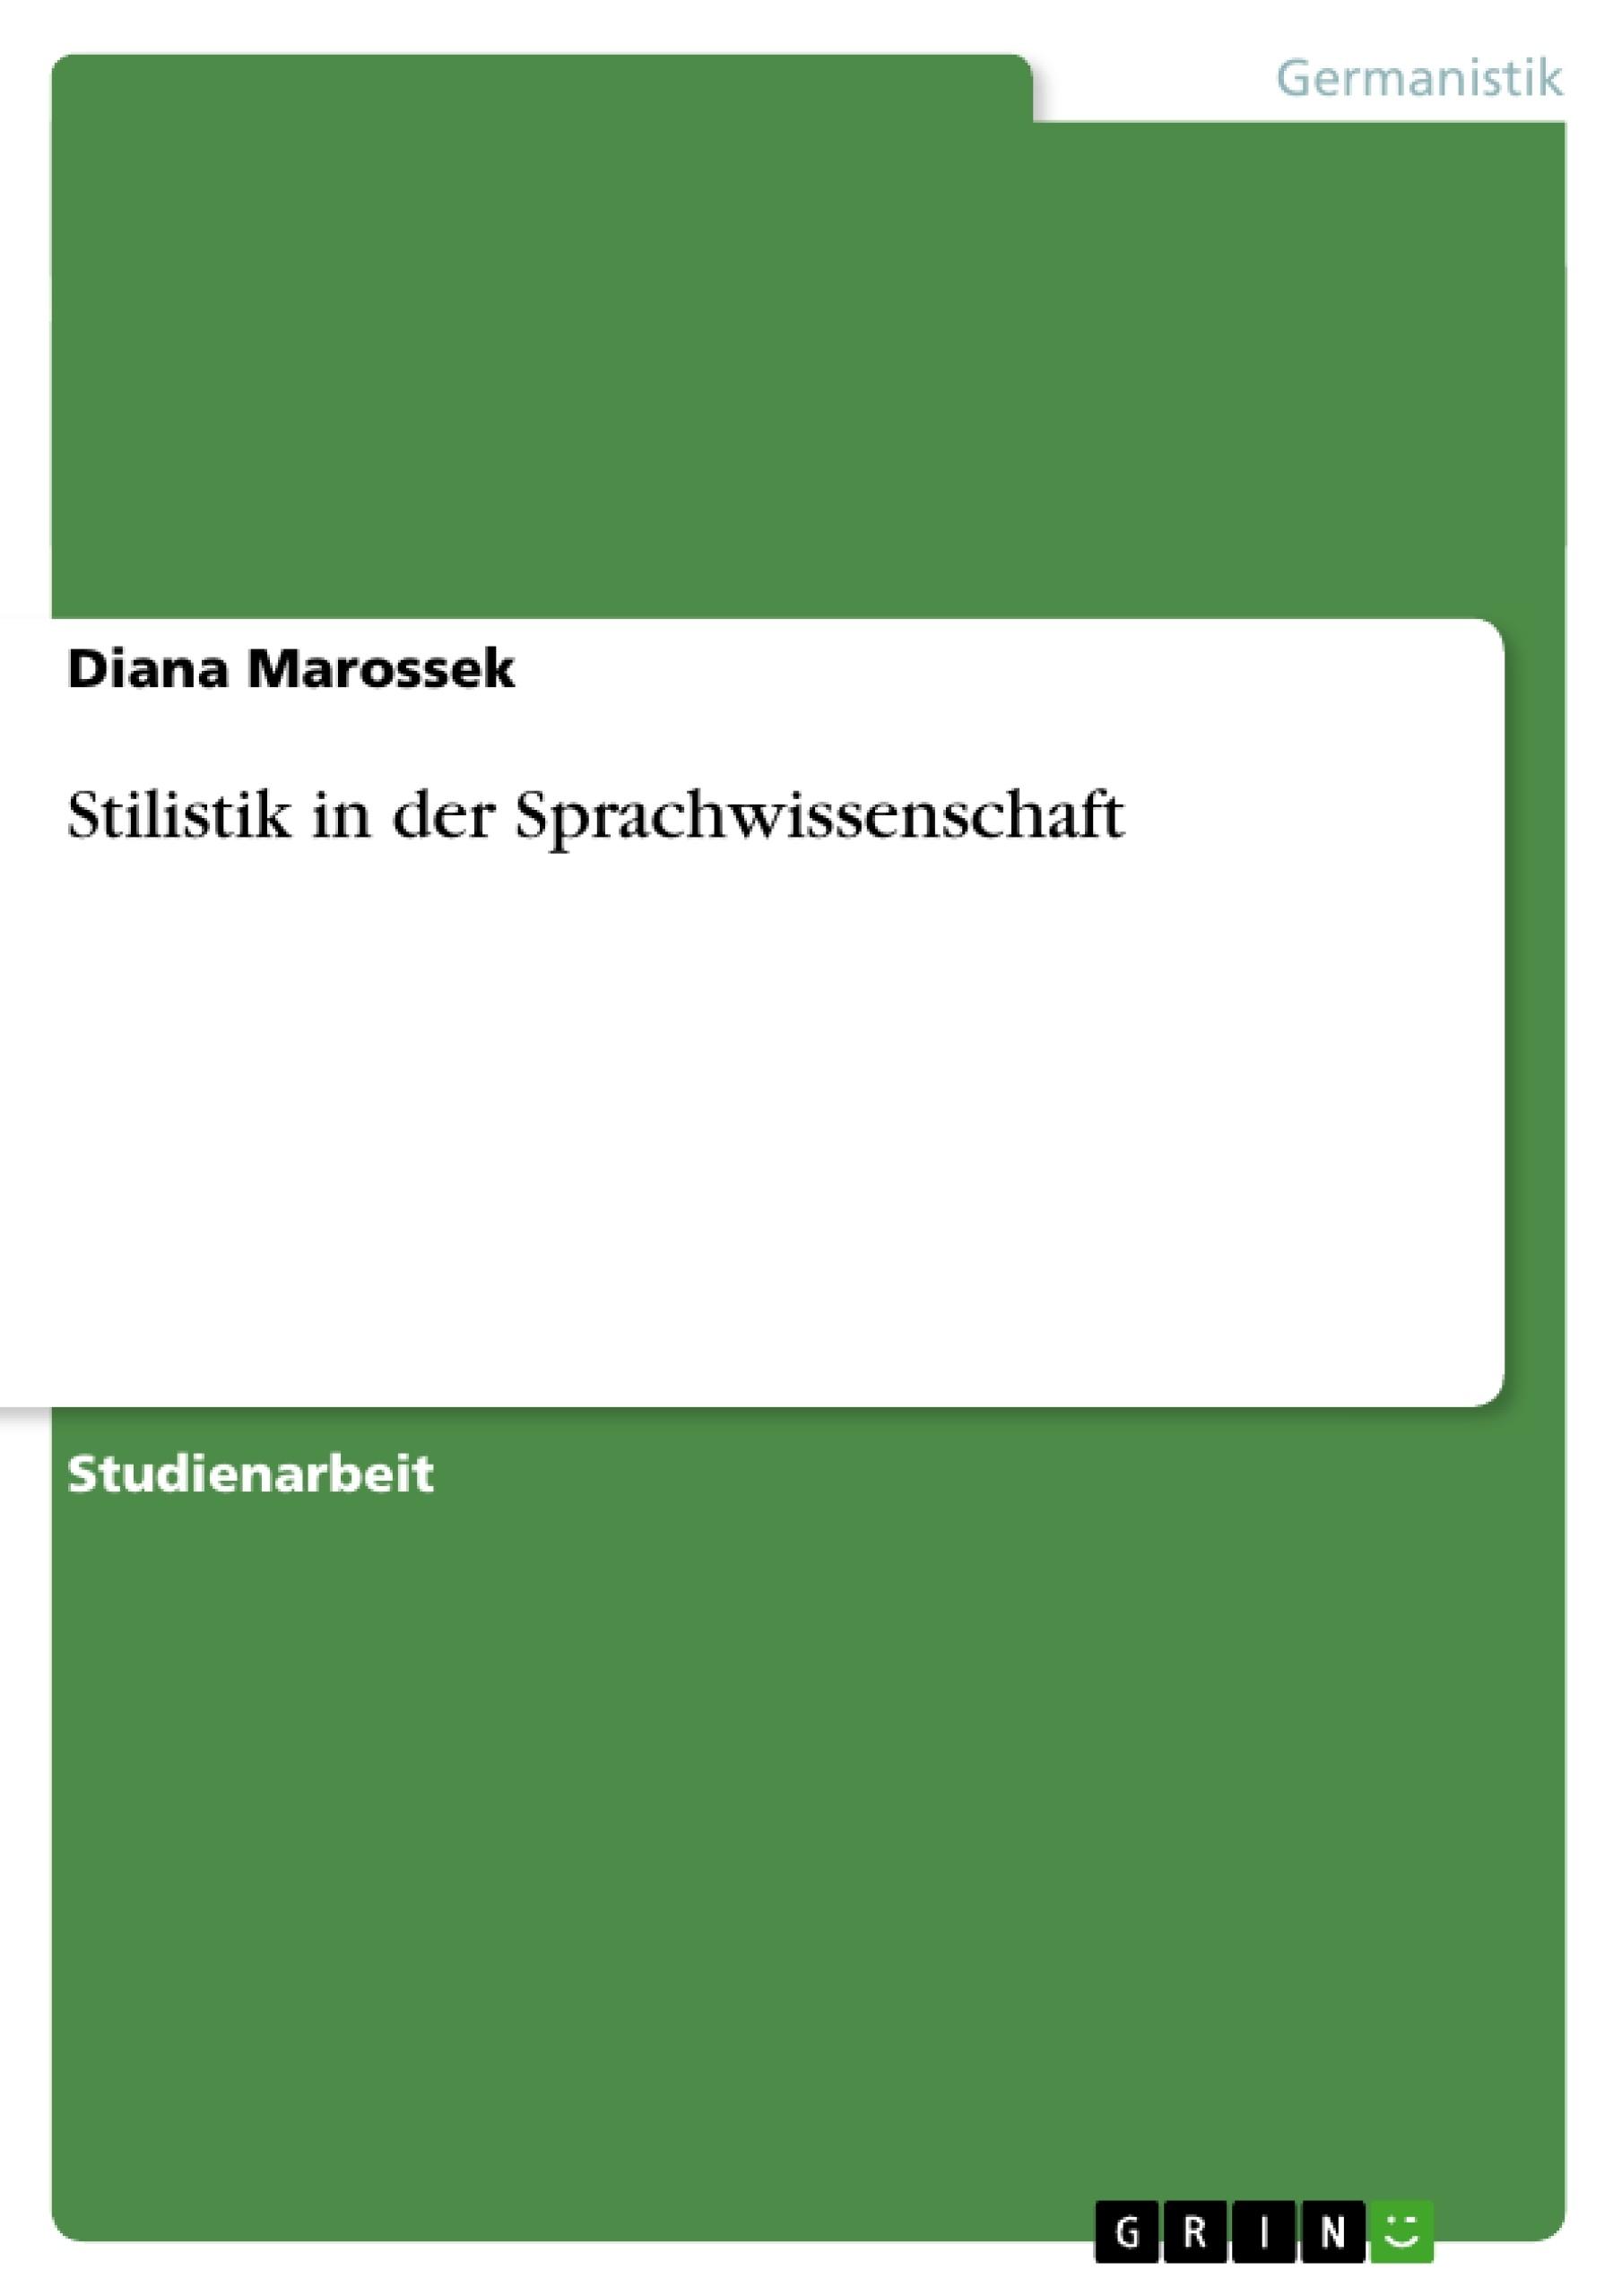 Titel: Stilistik in der Sprachwissenschaft